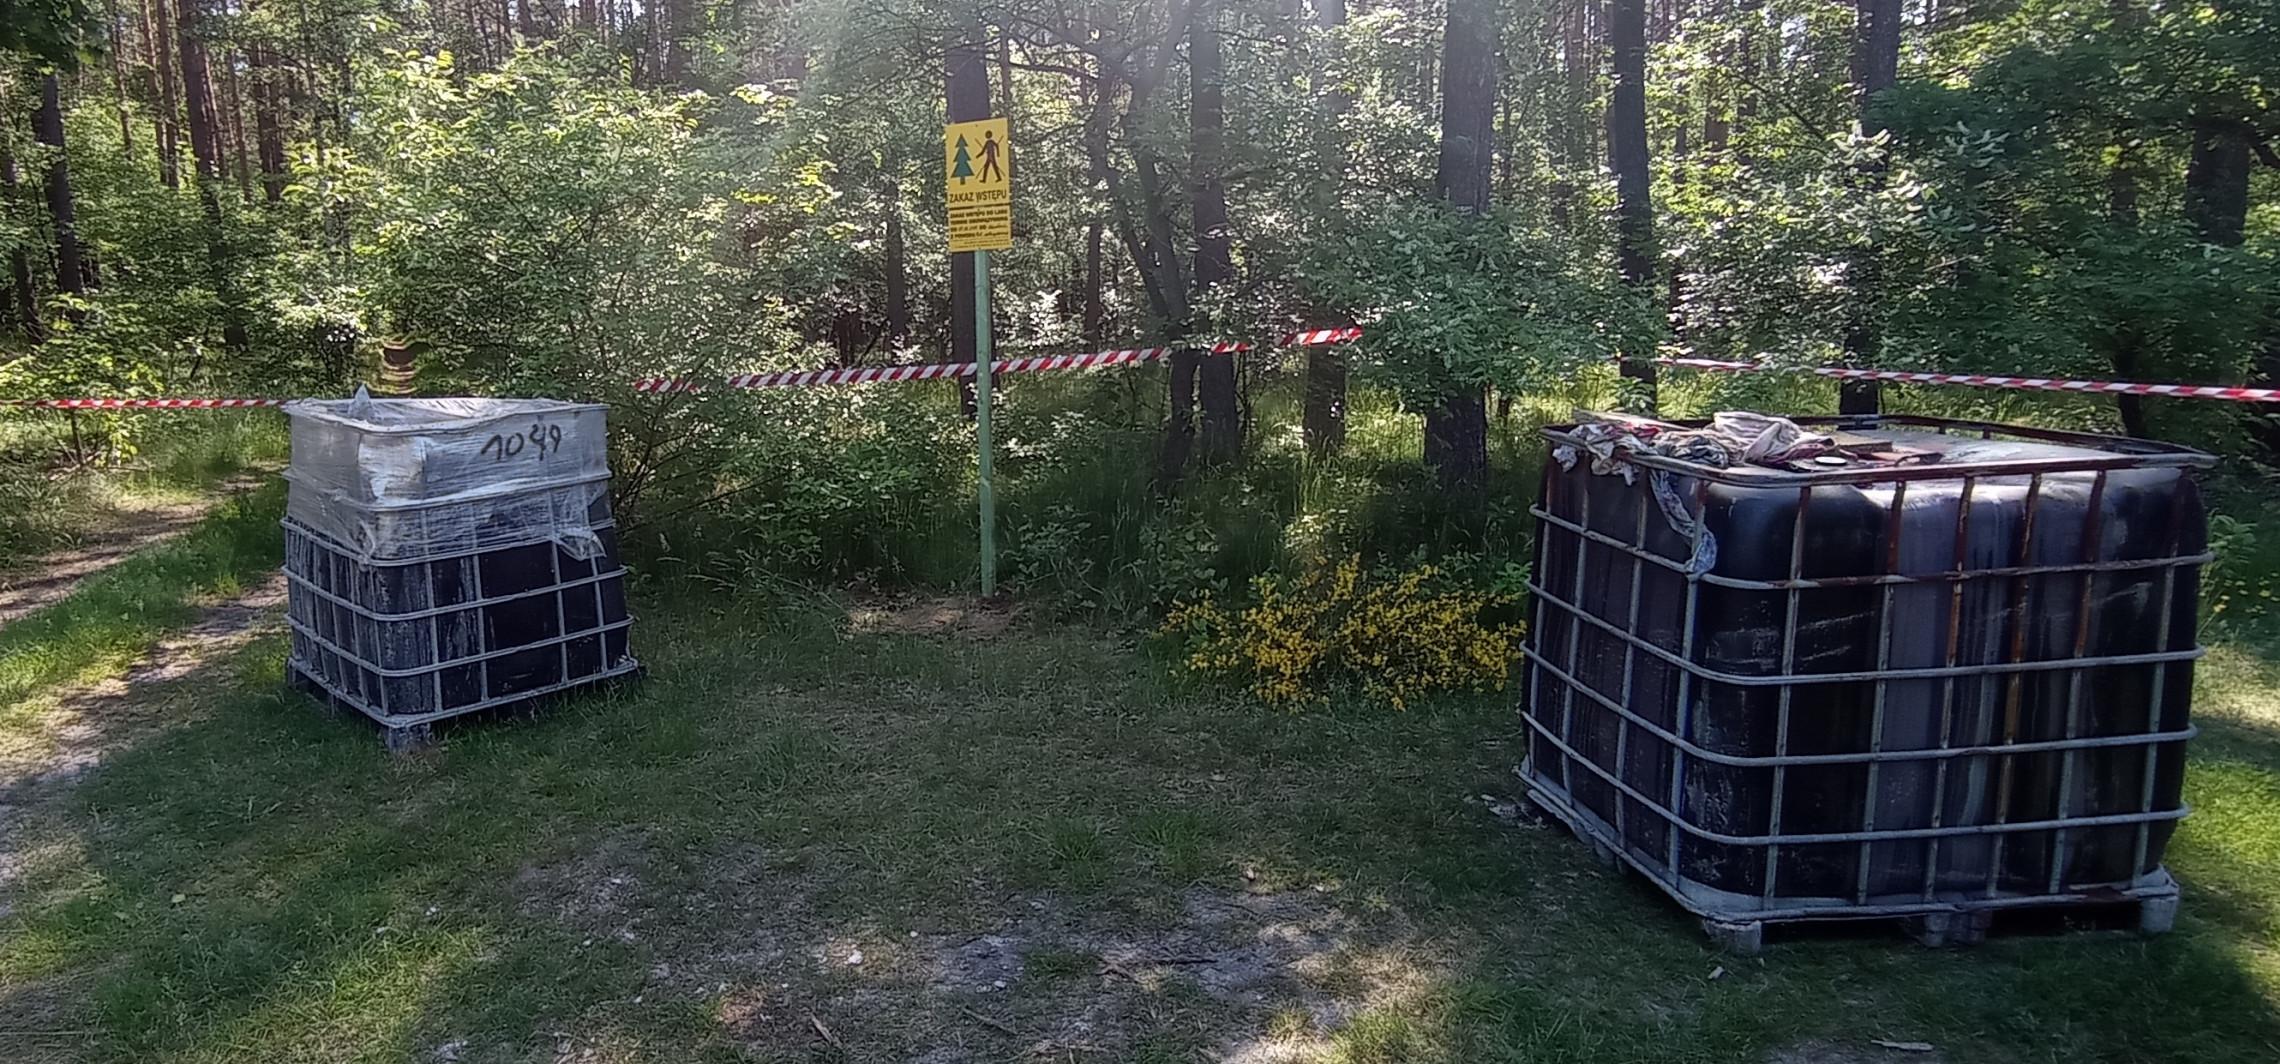 Inowrocław - Ktoś podrzuca odpady w zbiornikach do lasów